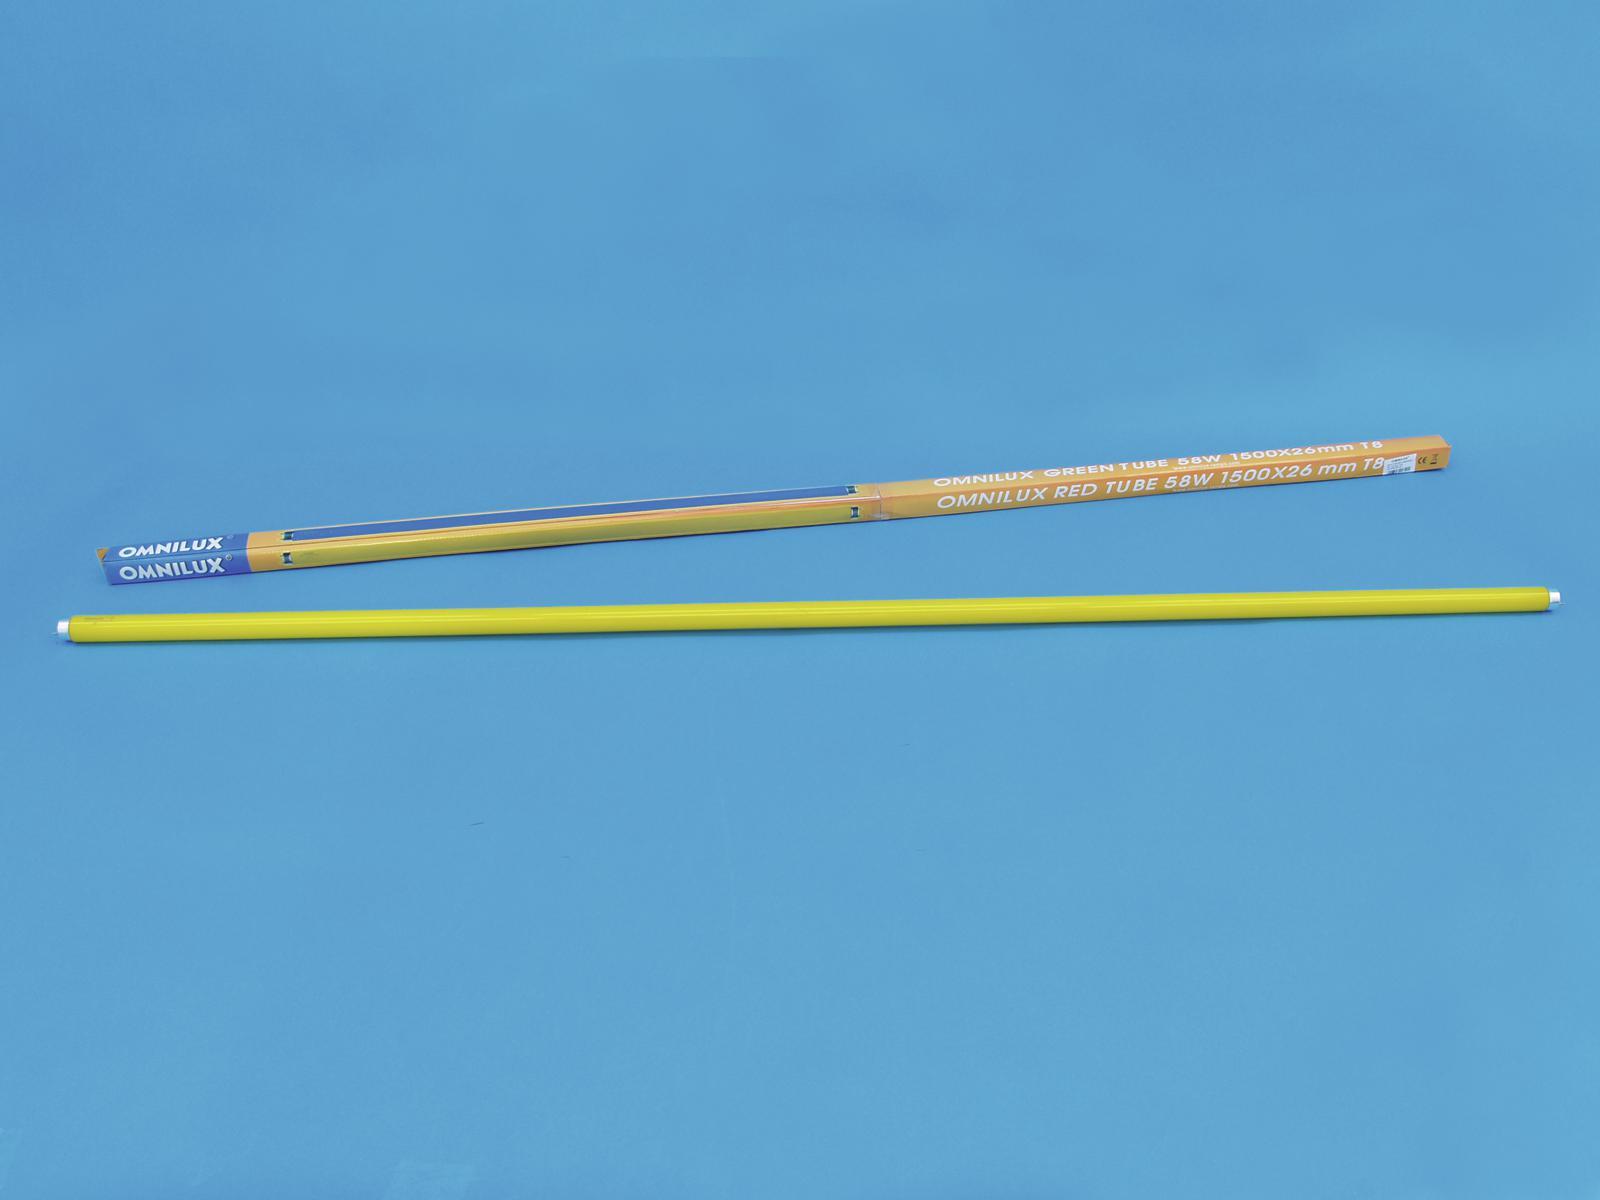 OMNILUX Röhre 58W 1500x26mm Farbglas gelb